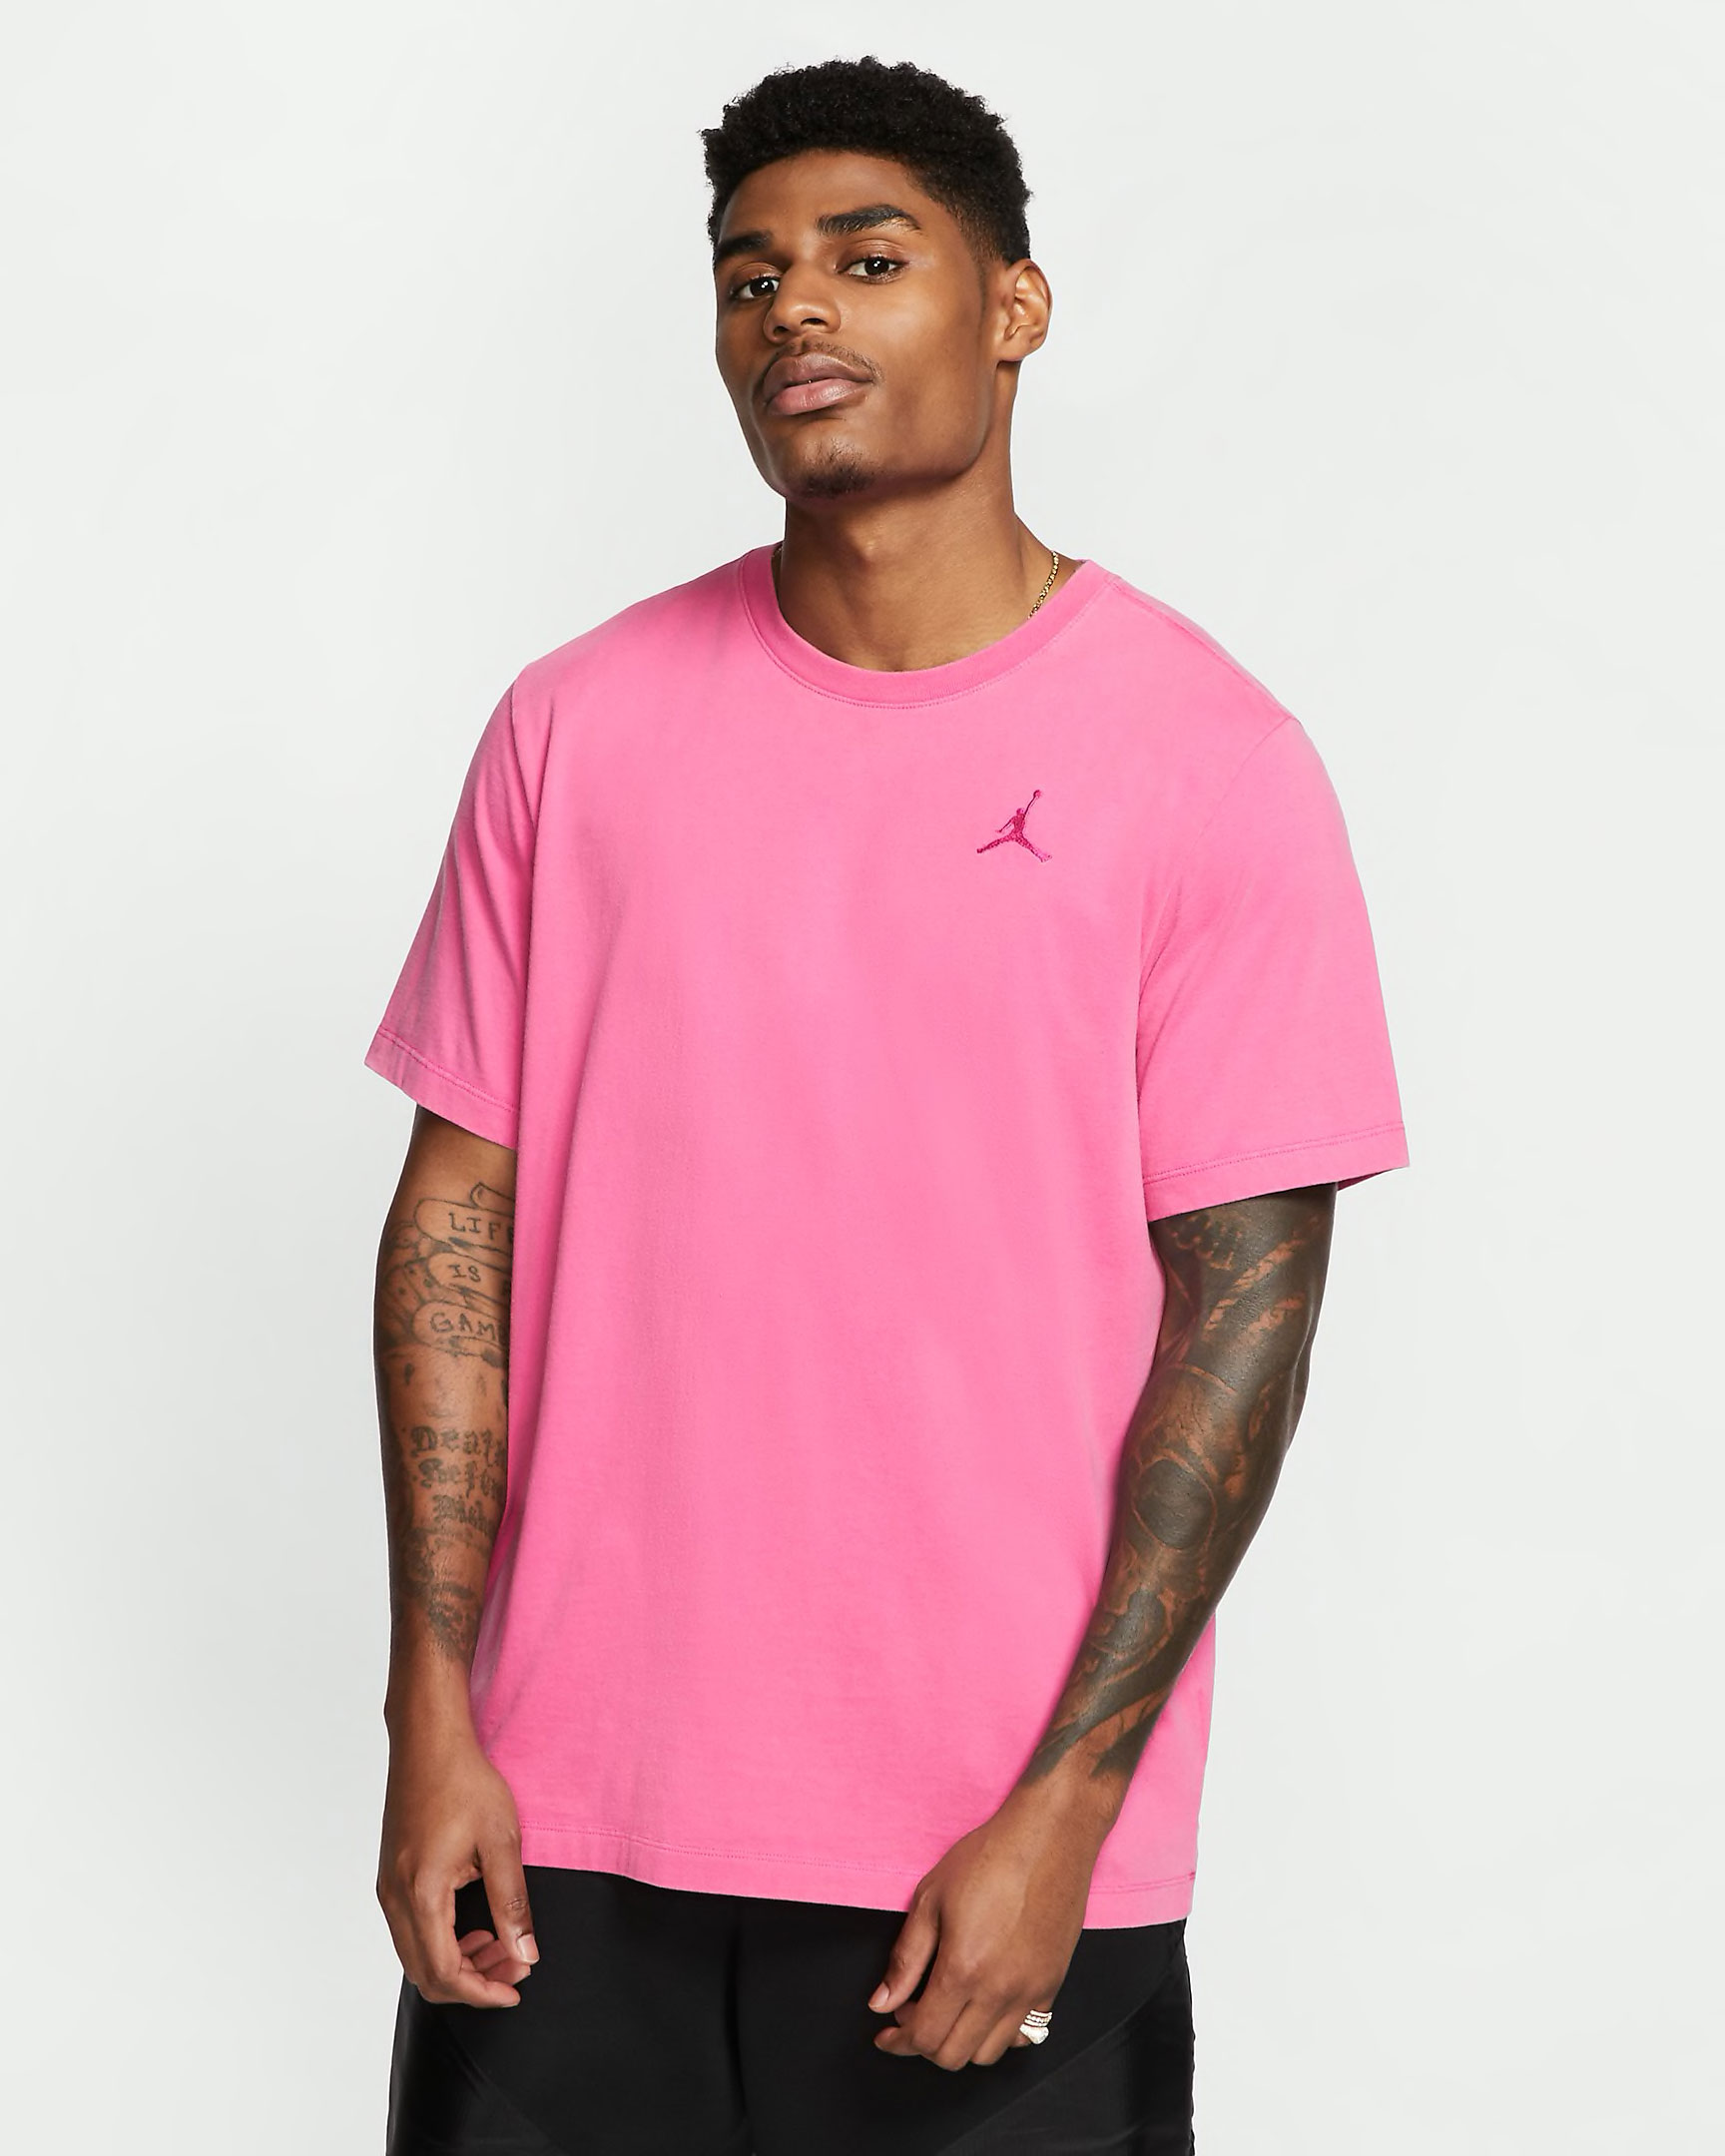 jordan-7-hare-2-pink-shirt